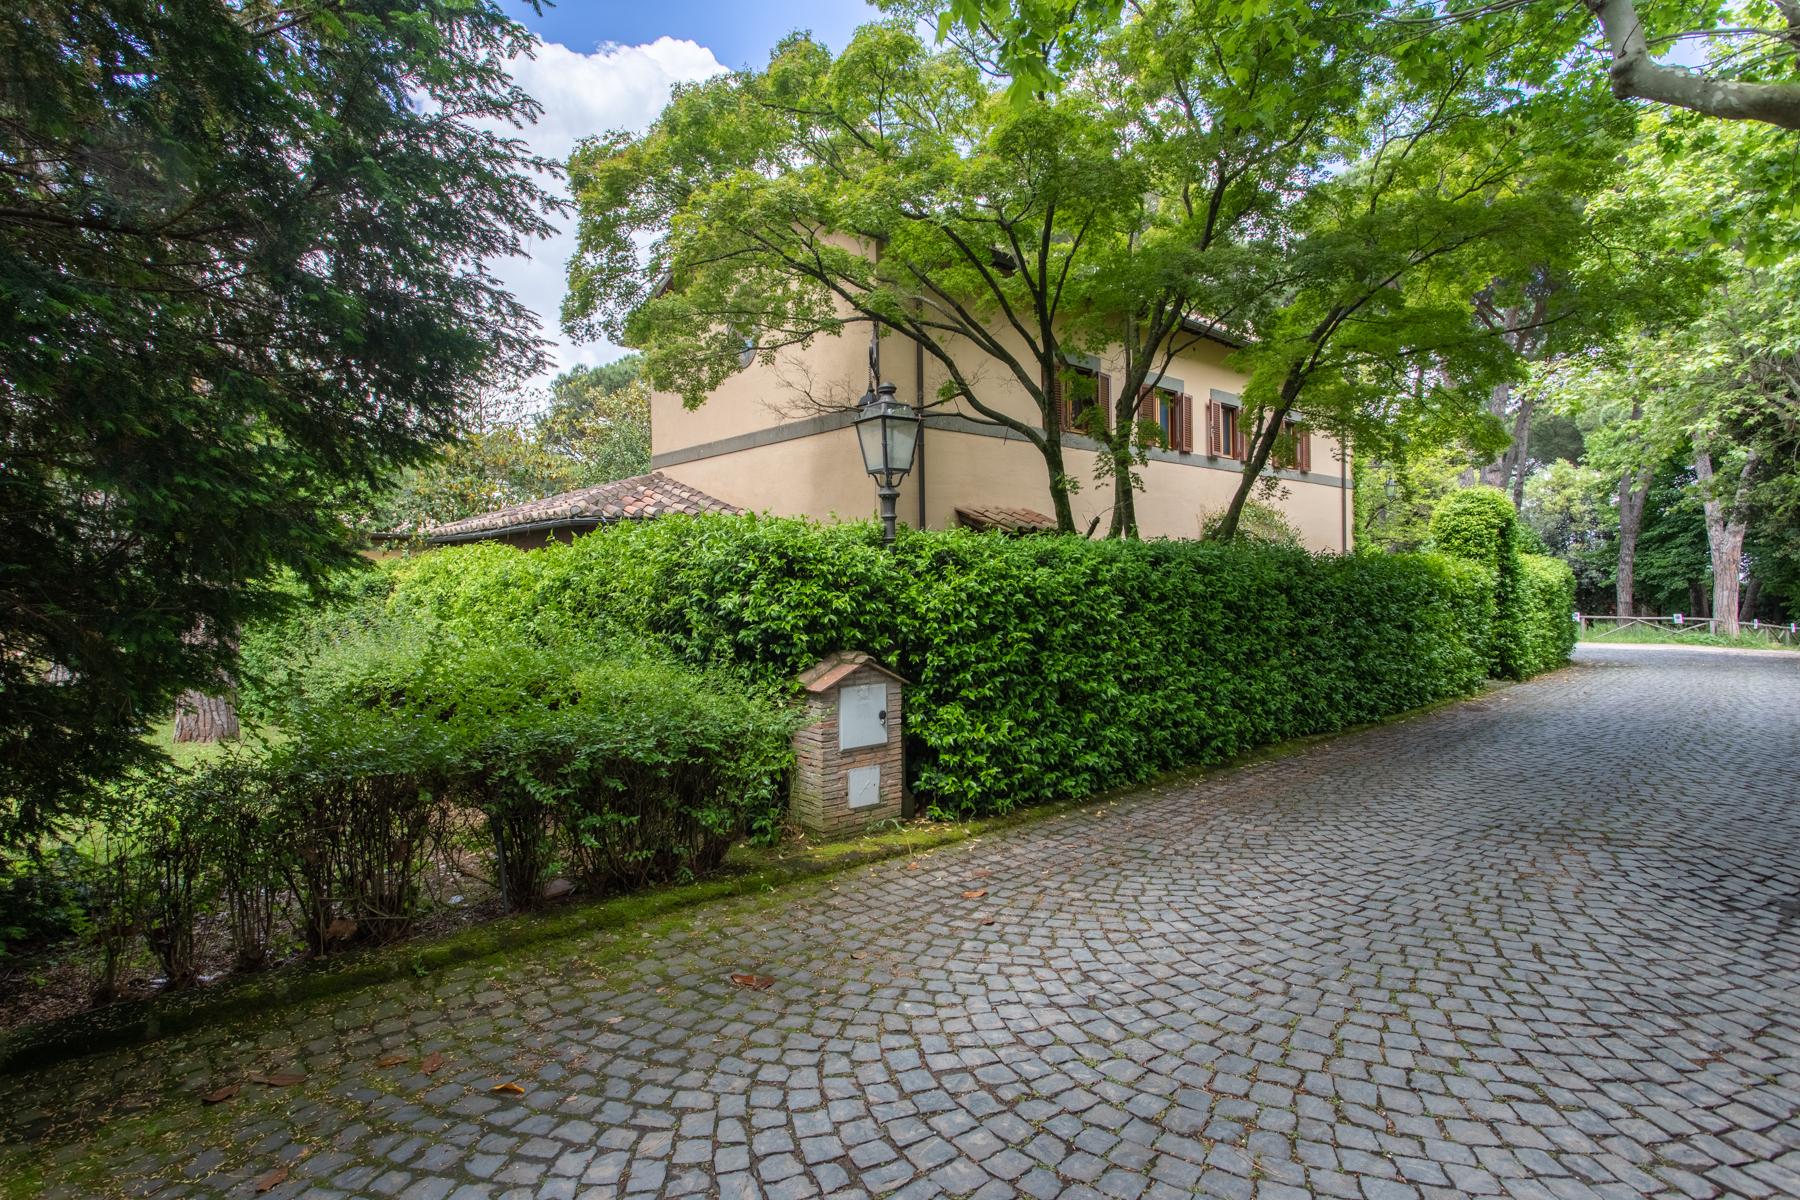 Villa in Vendita a Castel Gandolfo: 5 locali, 400 mq - Foto 29